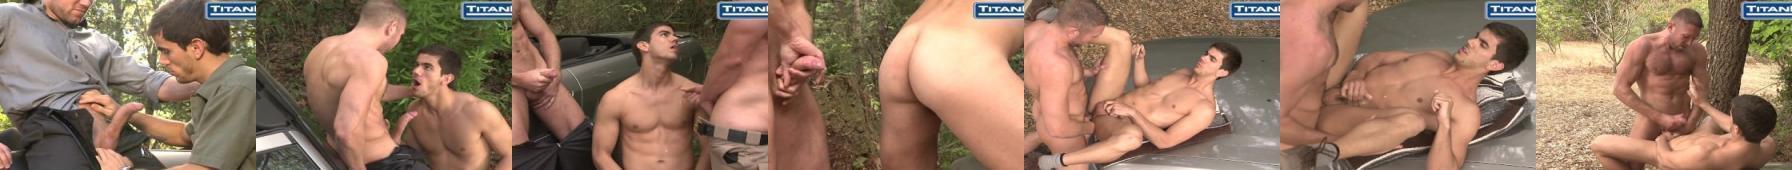 zboczony seks gejowskigorąca ciasna pochwa